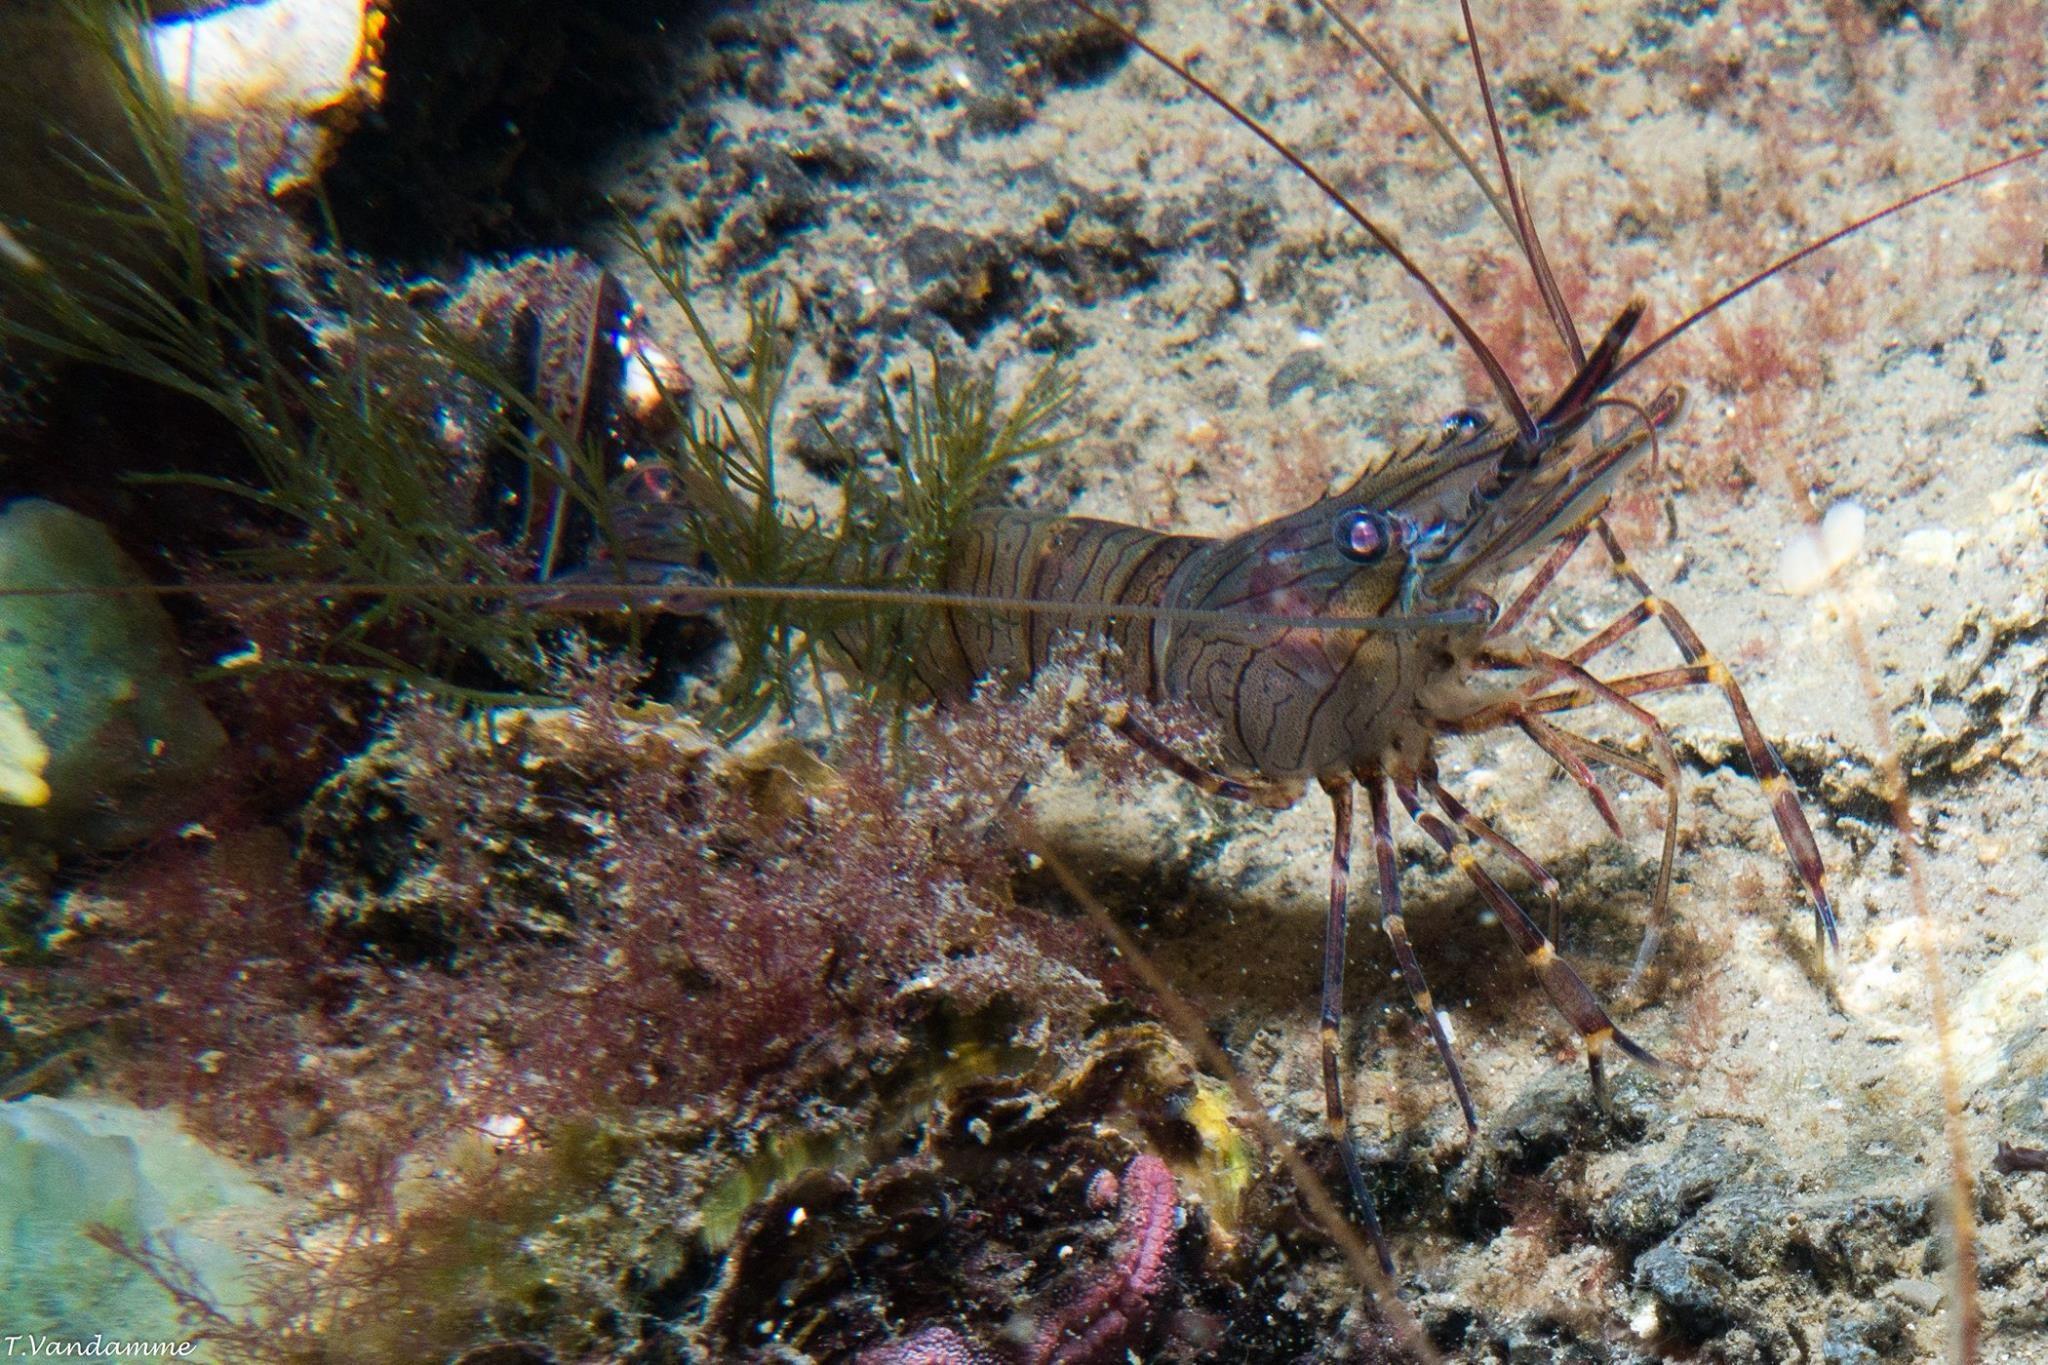 d7d462516c870dede00ac2507f035d1d Luxe De Crevette Aquarium Des Idées